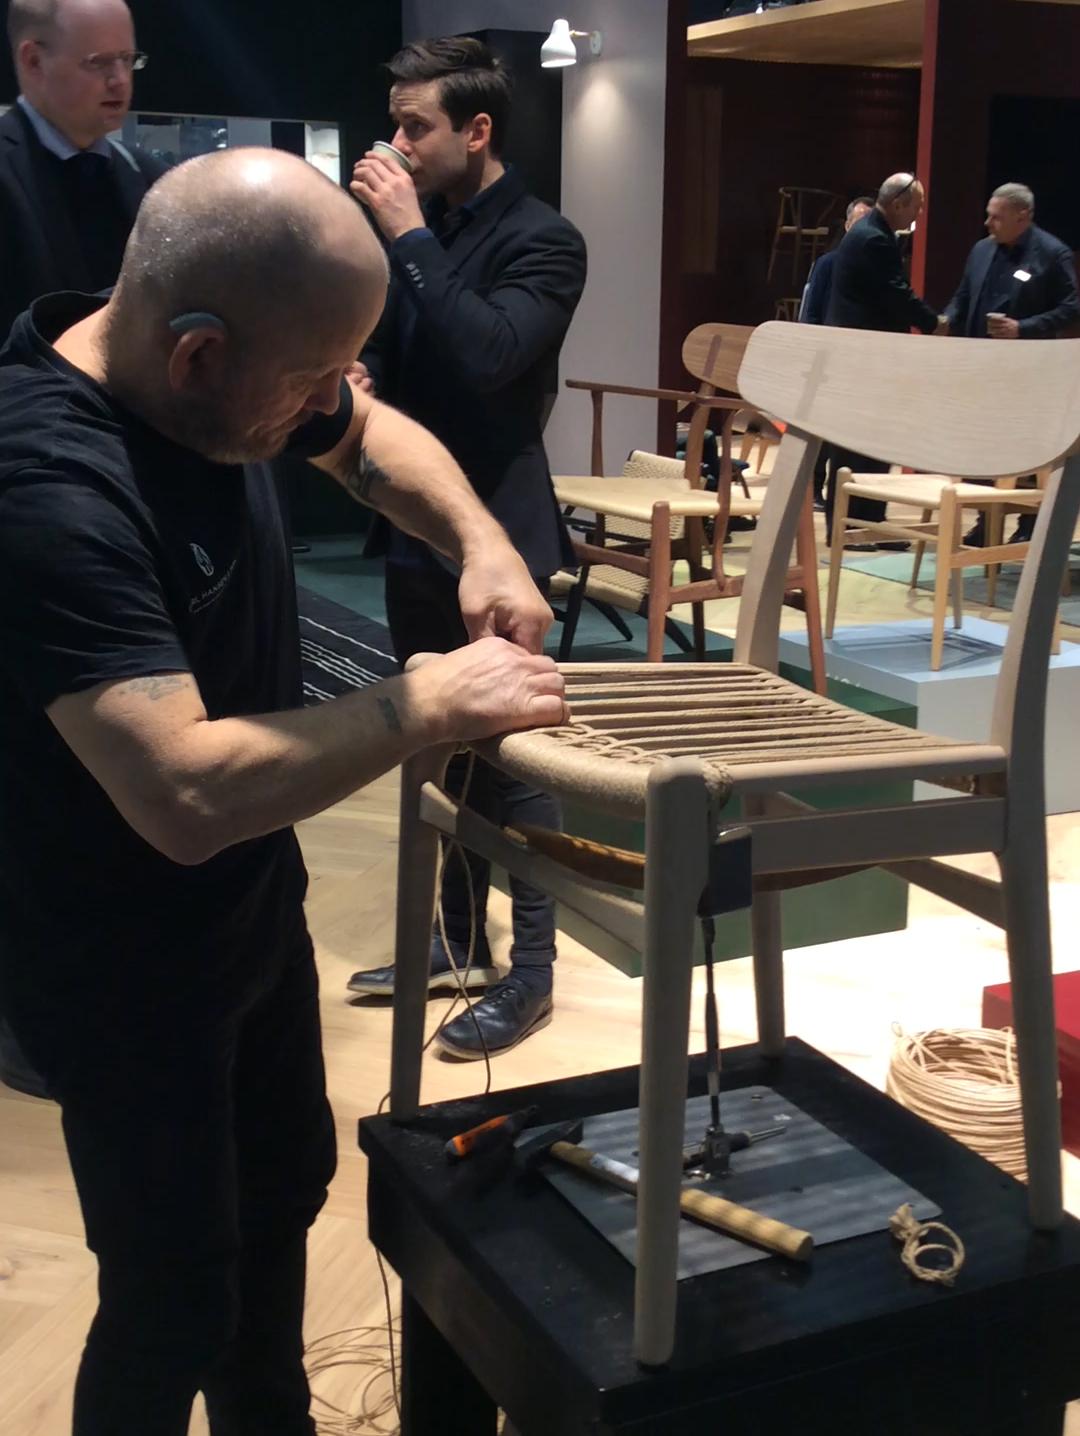 Ny gammel stol fra Wegner på gang! 16.juni lanseres denne flotte nyheten, CH 23 spisestol fra Carl Hansen, designet av Hans Wegner i 1950.